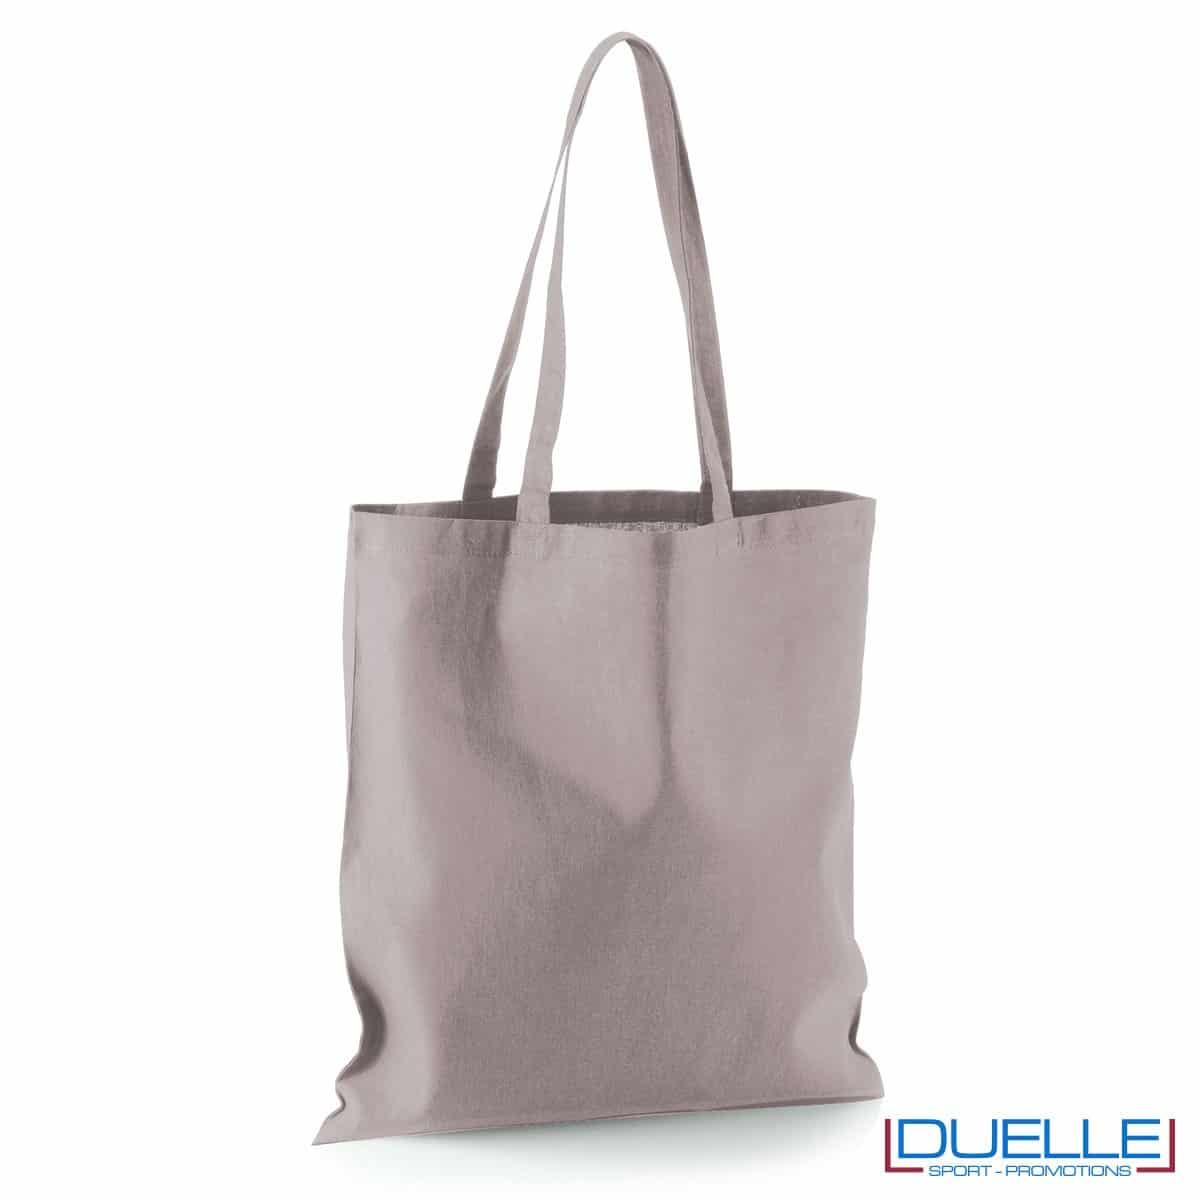 Shopper personalizzata in puro cotone grigio